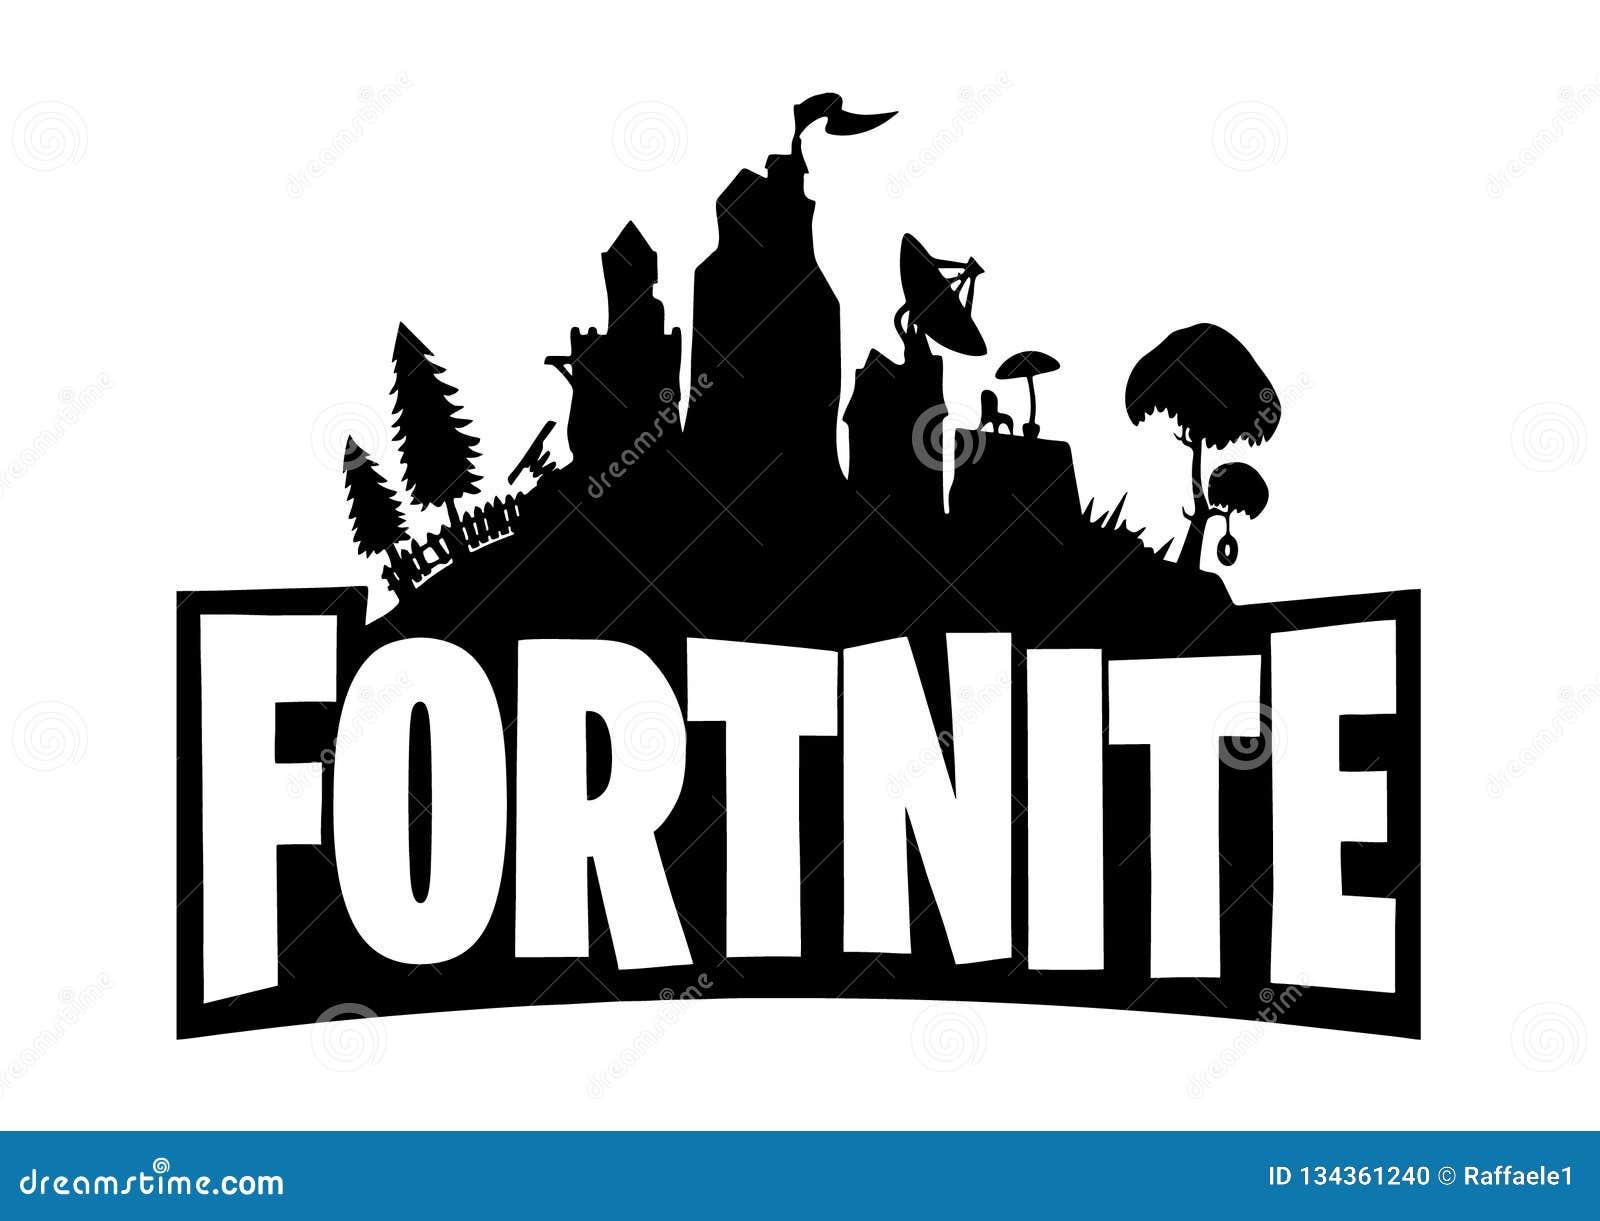 Logotipo De Fortnite Imagem Editorial Ilustra 231 227 O De Jogo